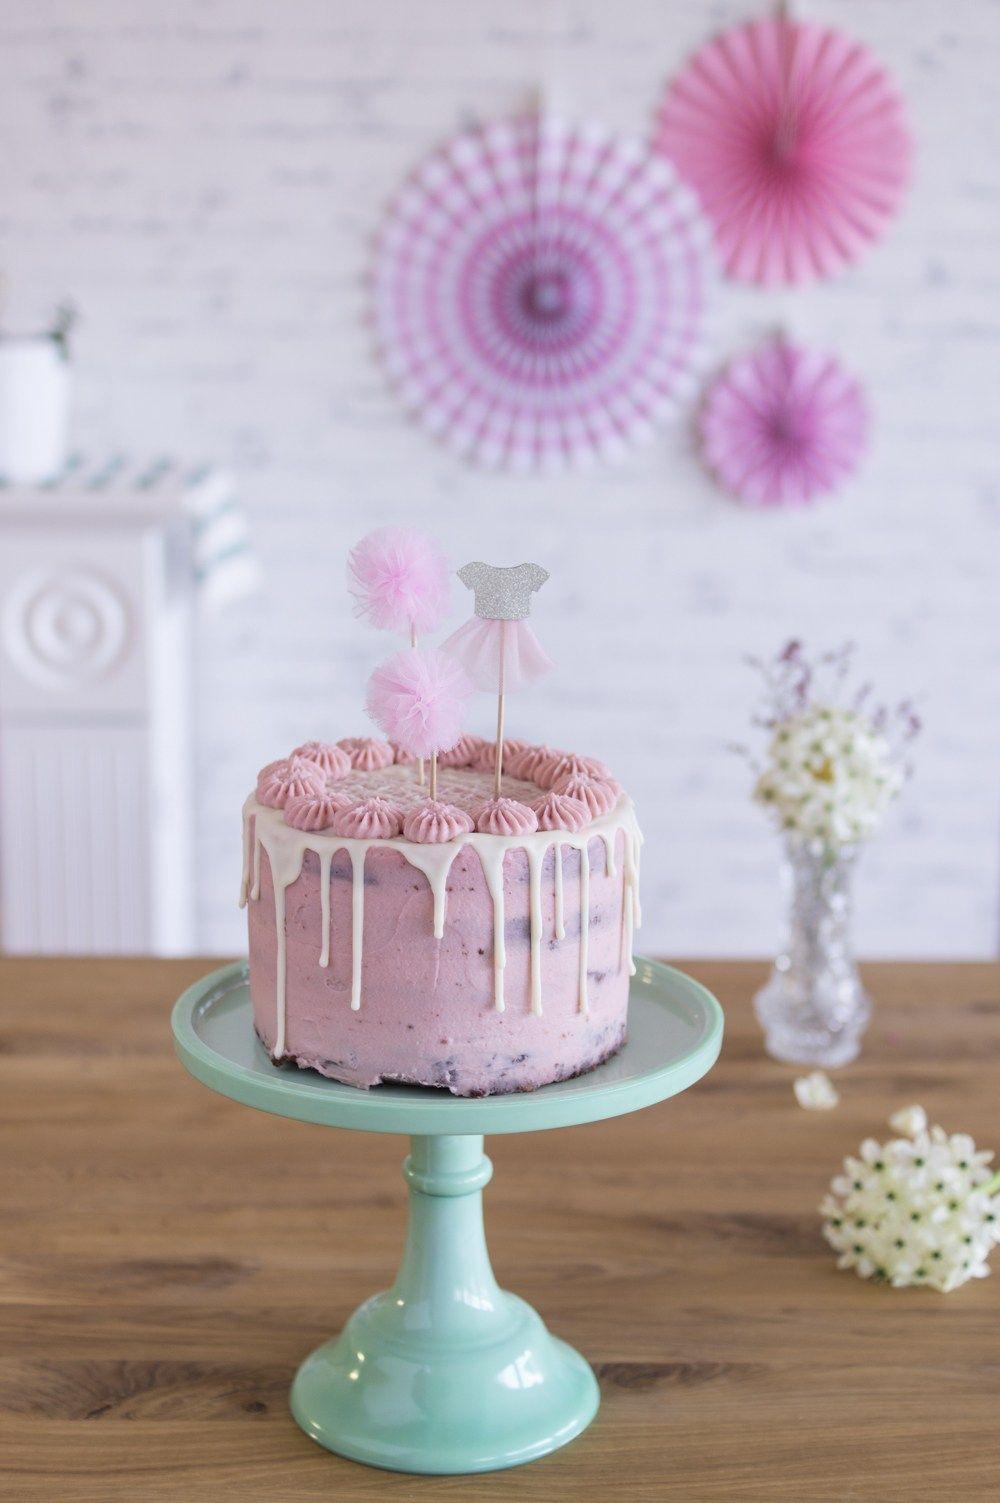 Schoko-Himbeer Torte & Dekoideen für einen Mädchen-Geburtstag | LieberBacken